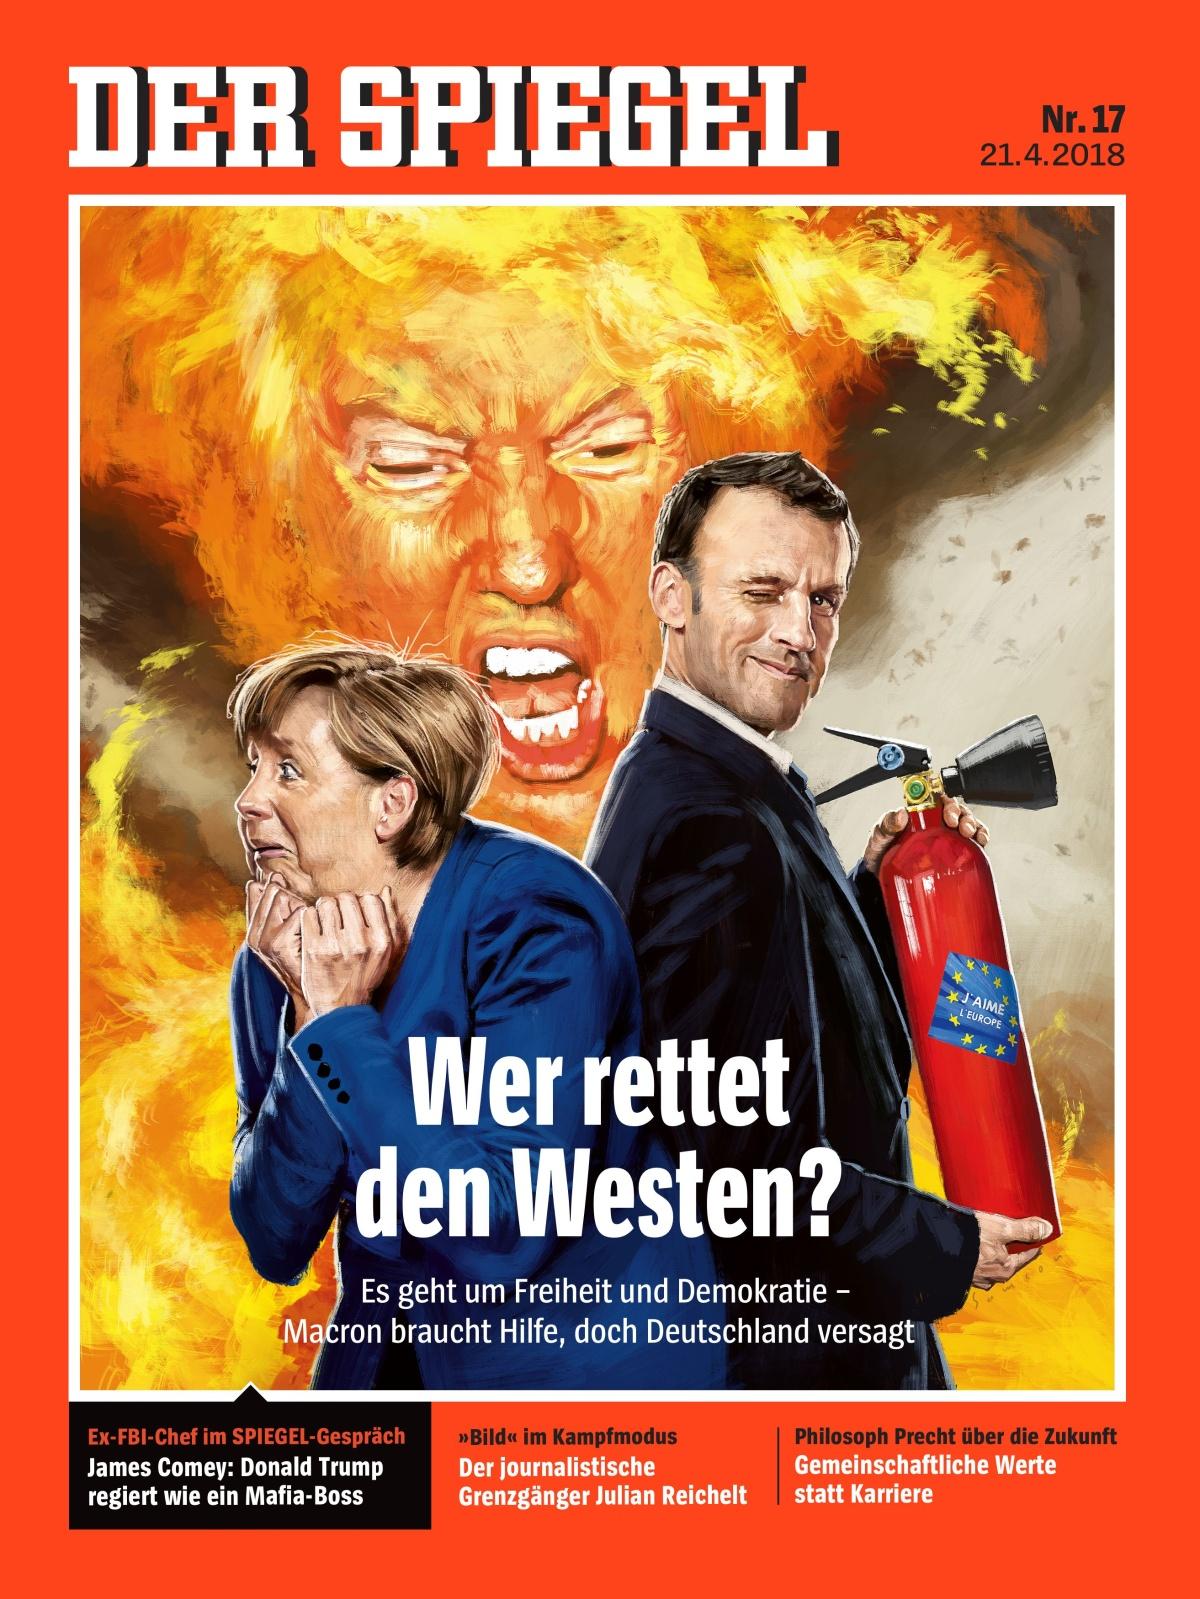 Propagandameldungen vom 21 april 2018 propaganda melder for Der spiegel redakteure